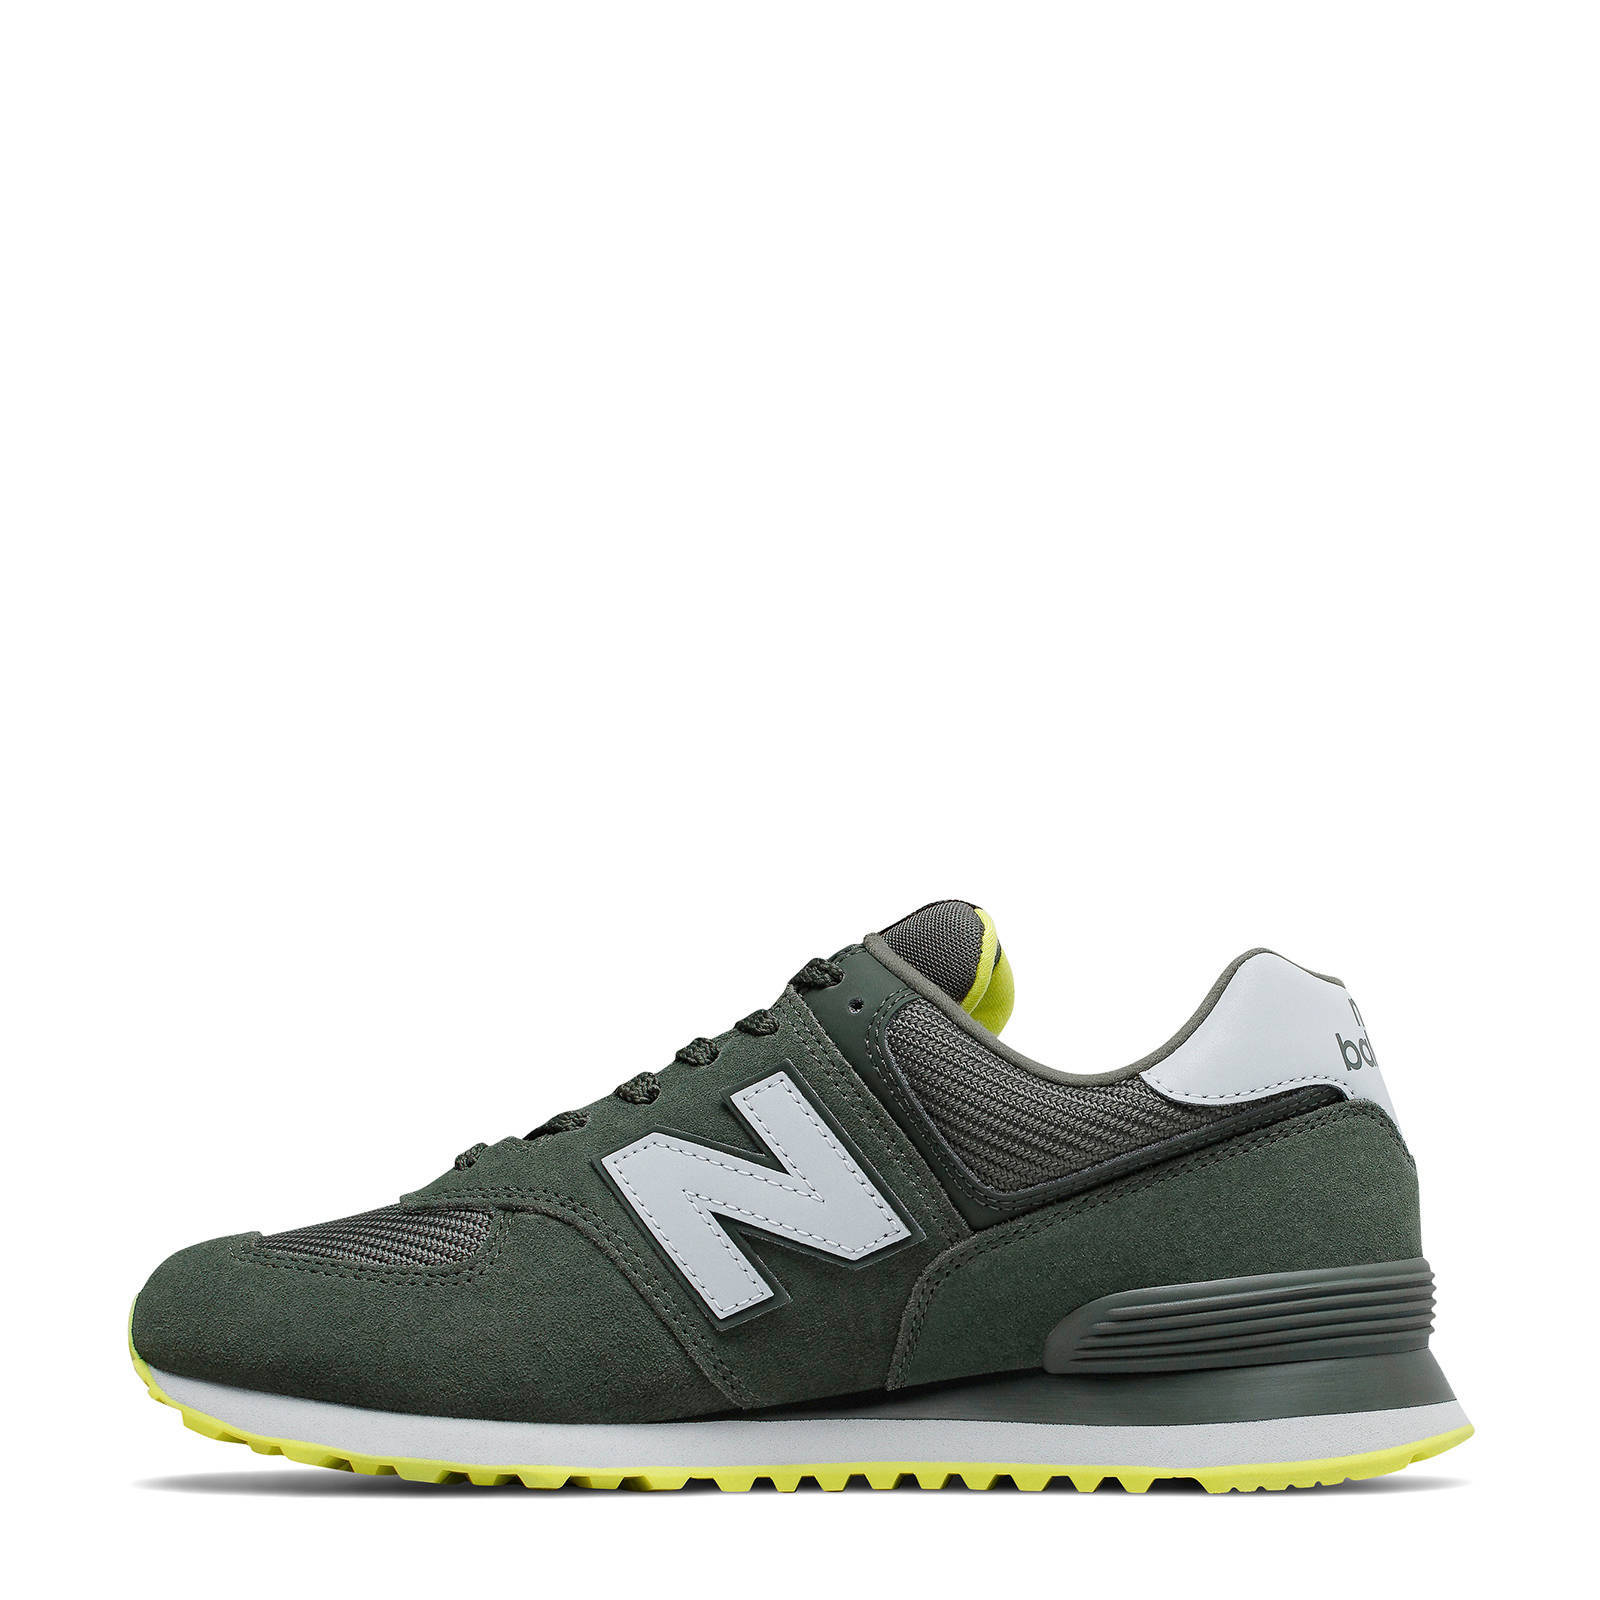 New Balance 574 sneakers groen/geel | wehkamp